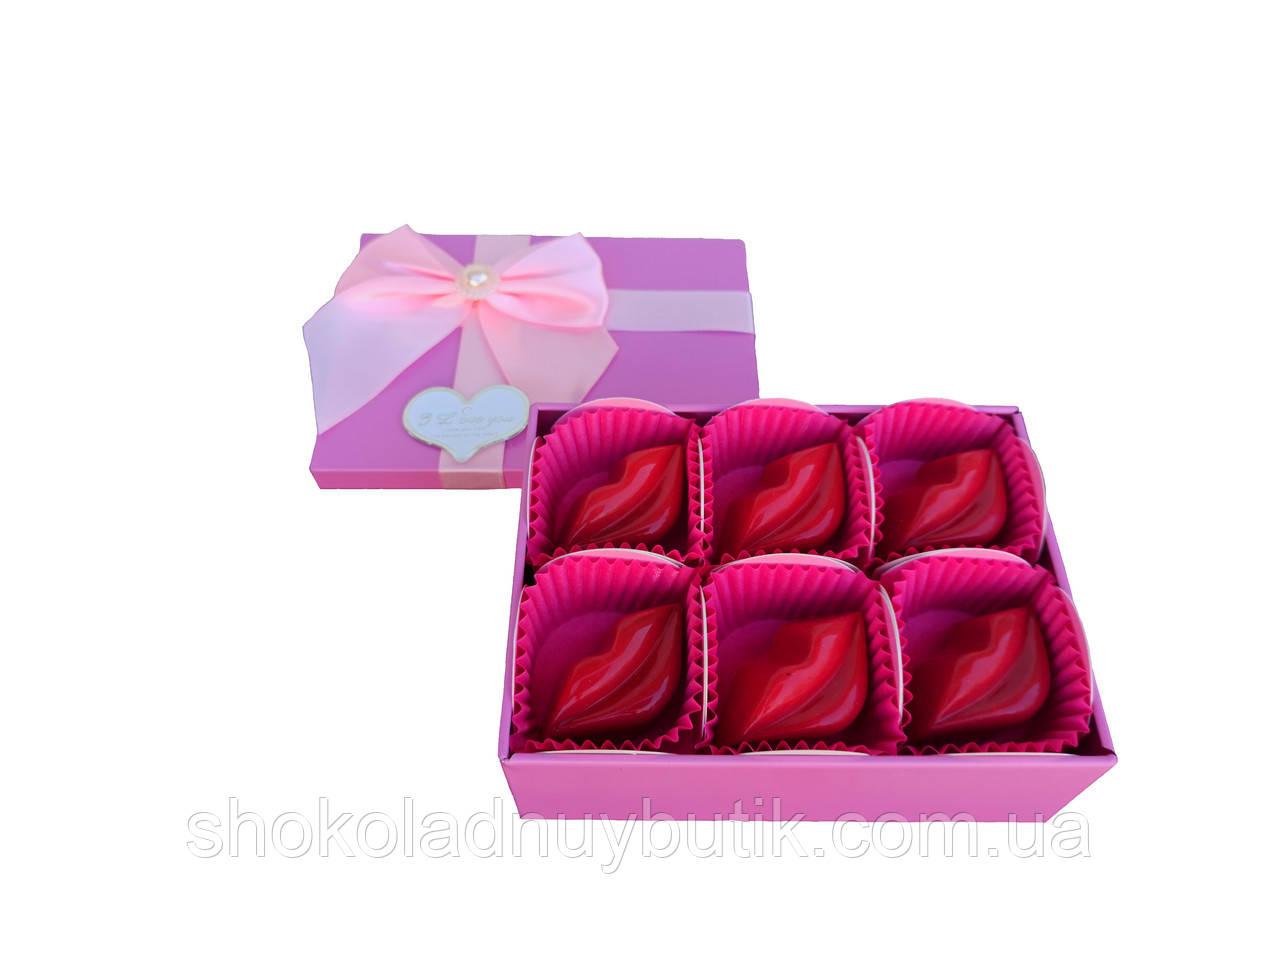 Шоколадные конфеты ручной роботы *Sweet 8*